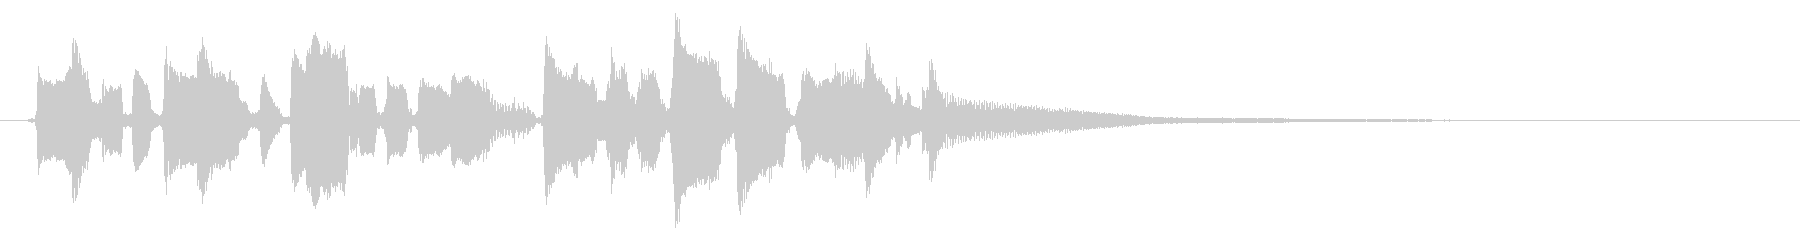 ノスタルジックな口笛とアコギのジングルの未再生の波形